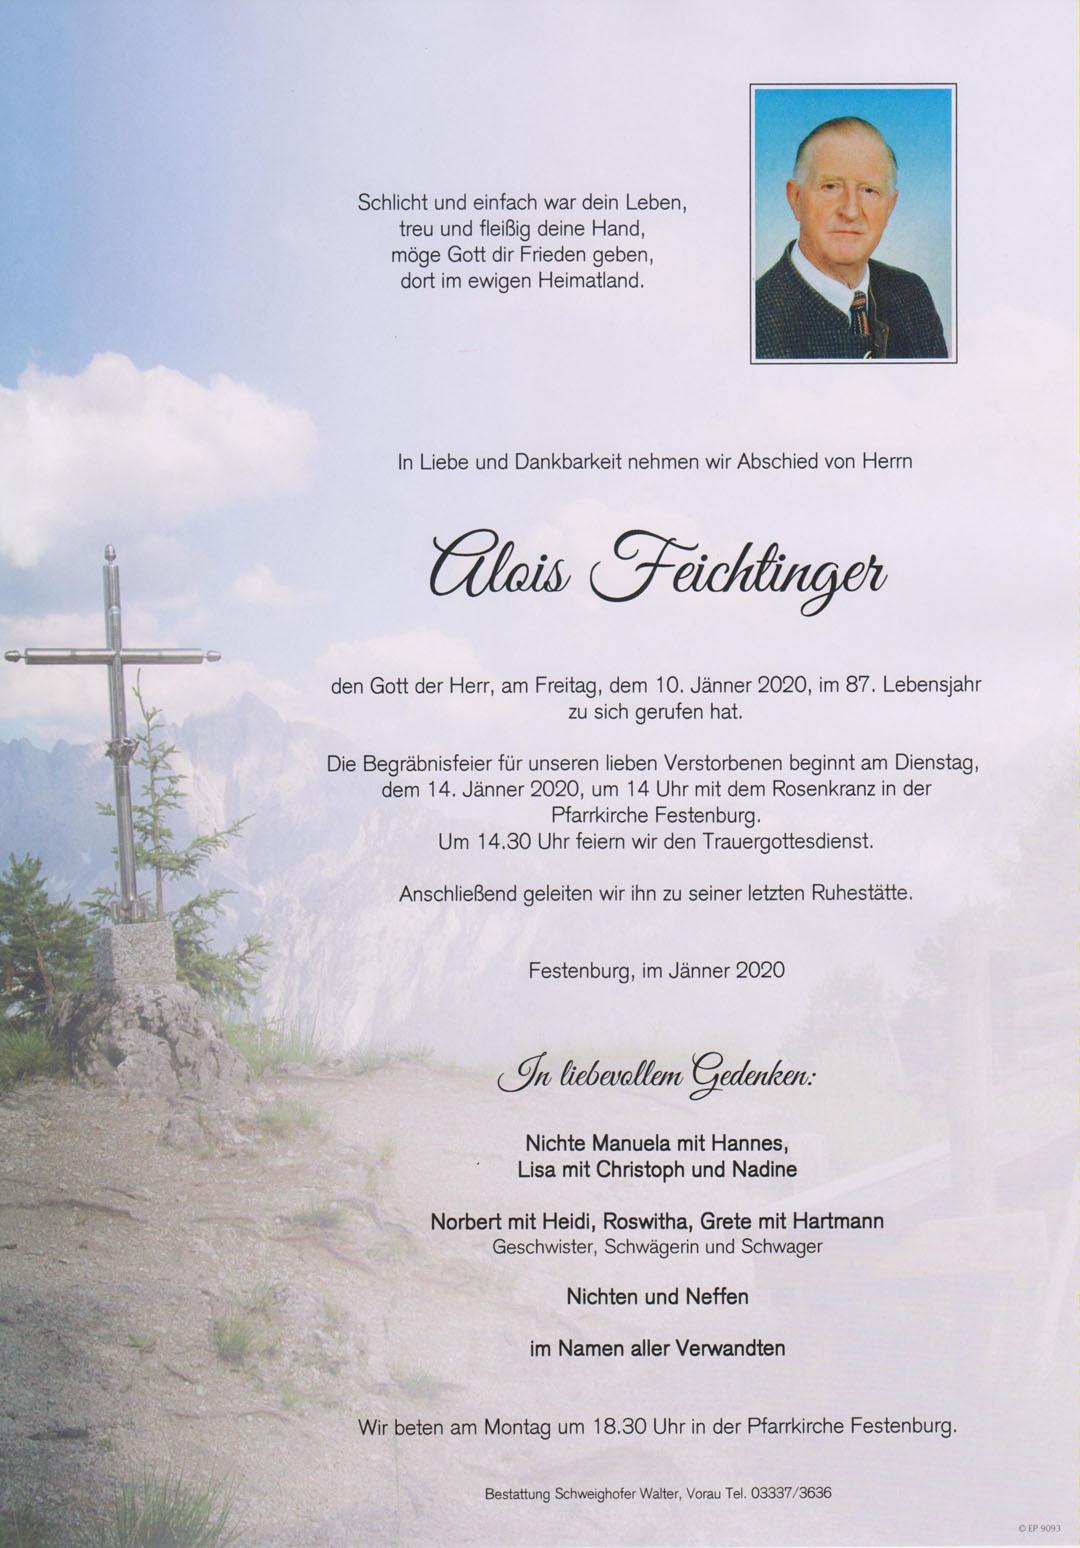 Alois Feichtinger